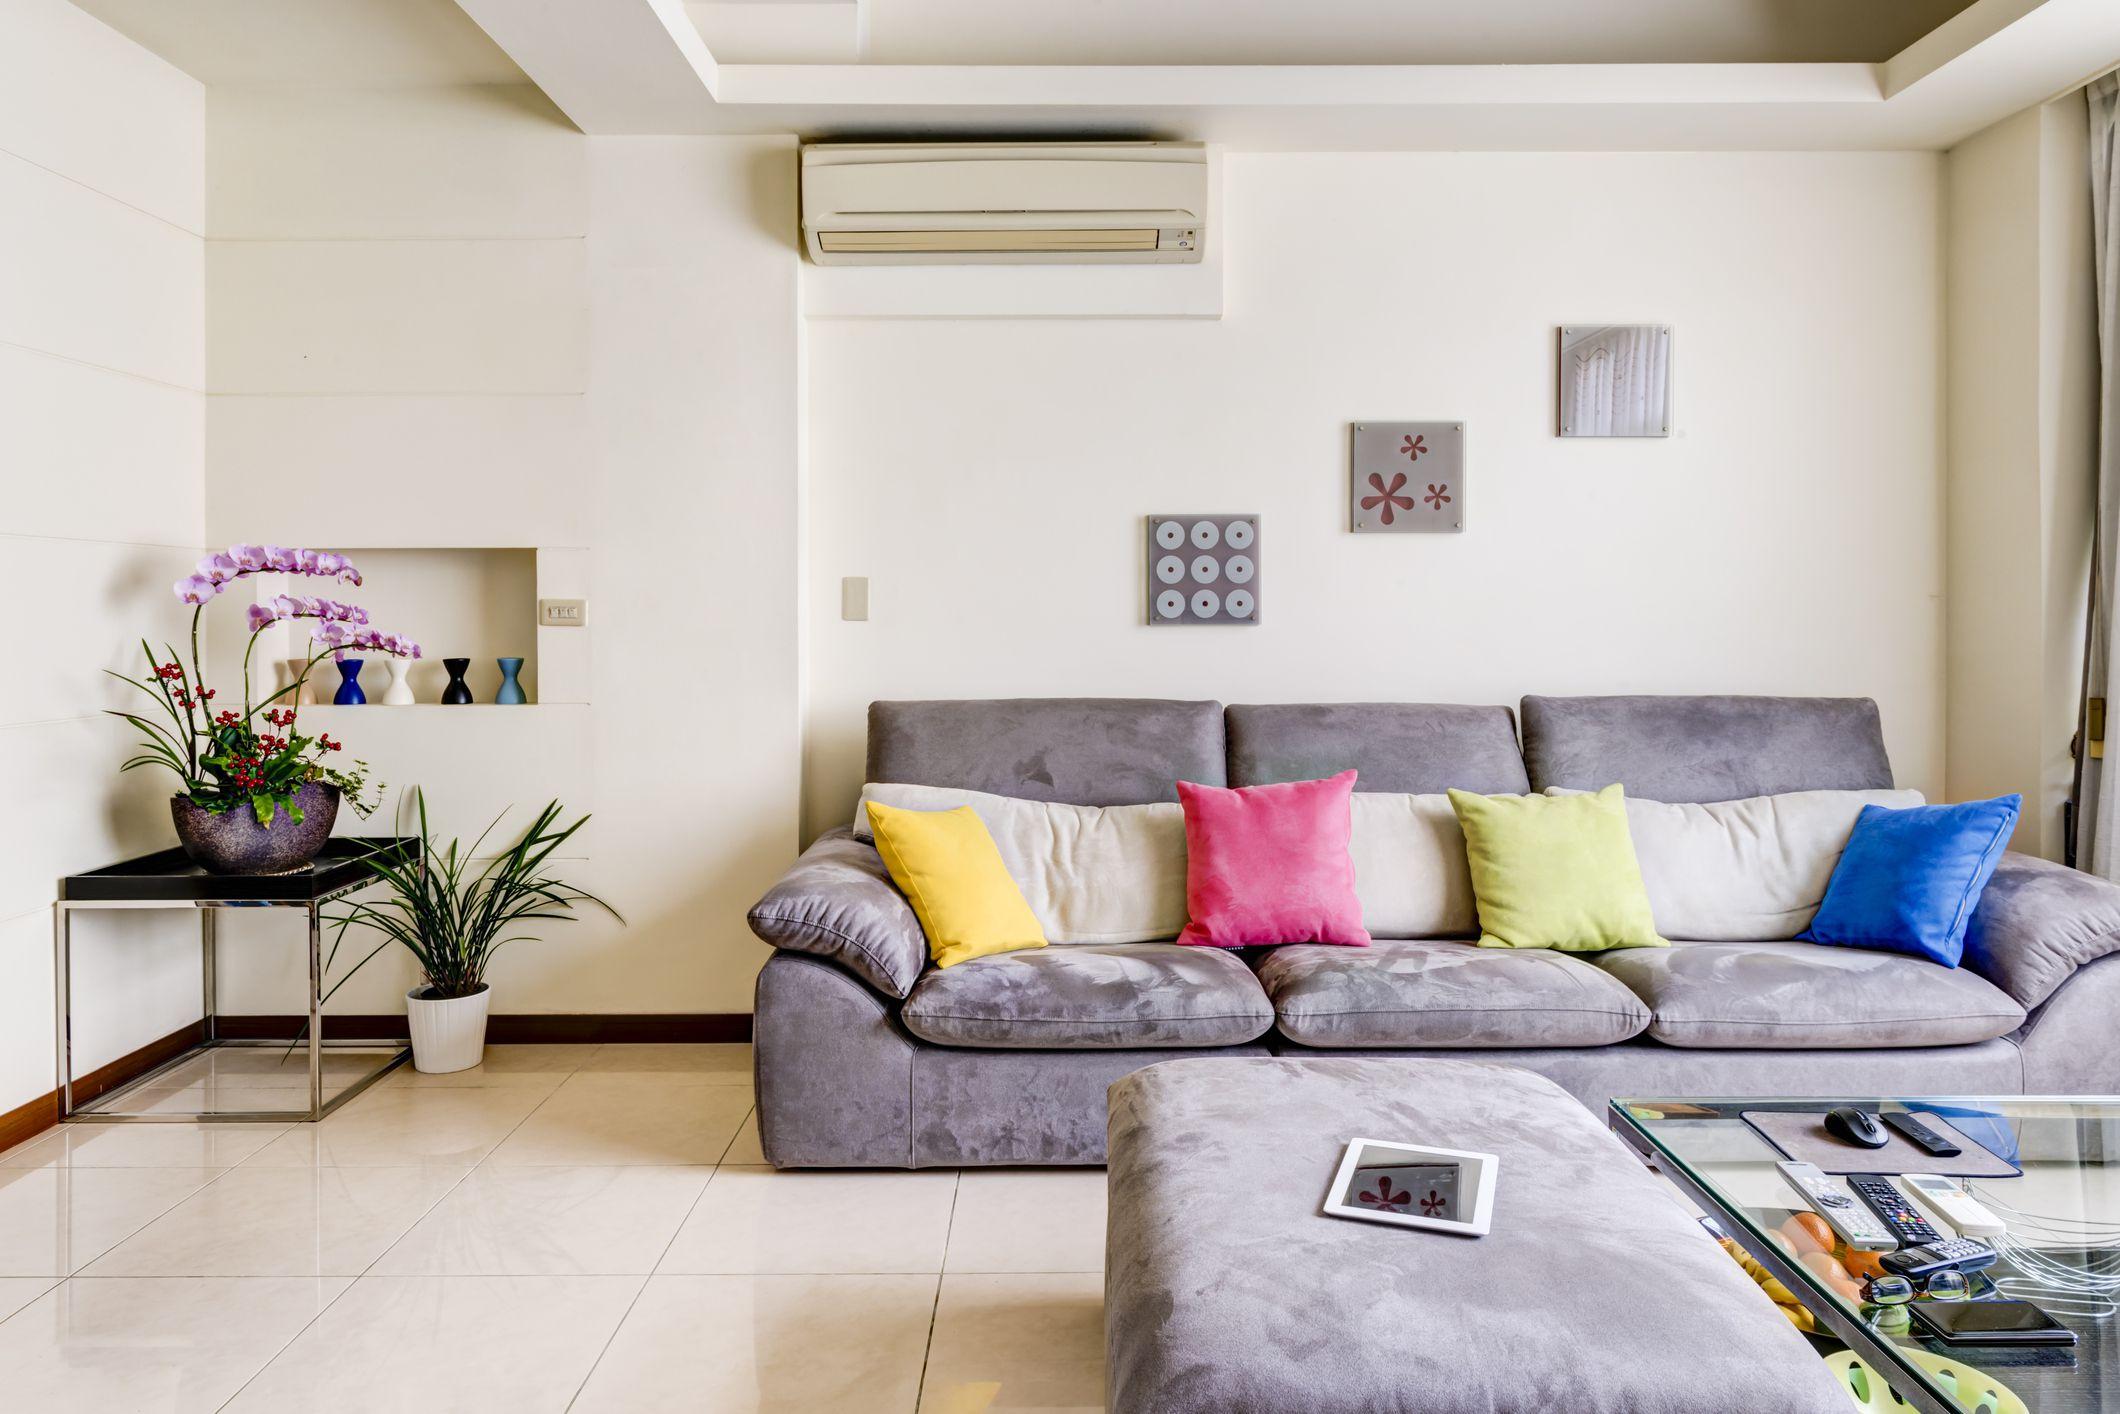 بالصور الديكور المنزلي , كيفية اختيار الديكور المناسب الي منزلك 4027 9